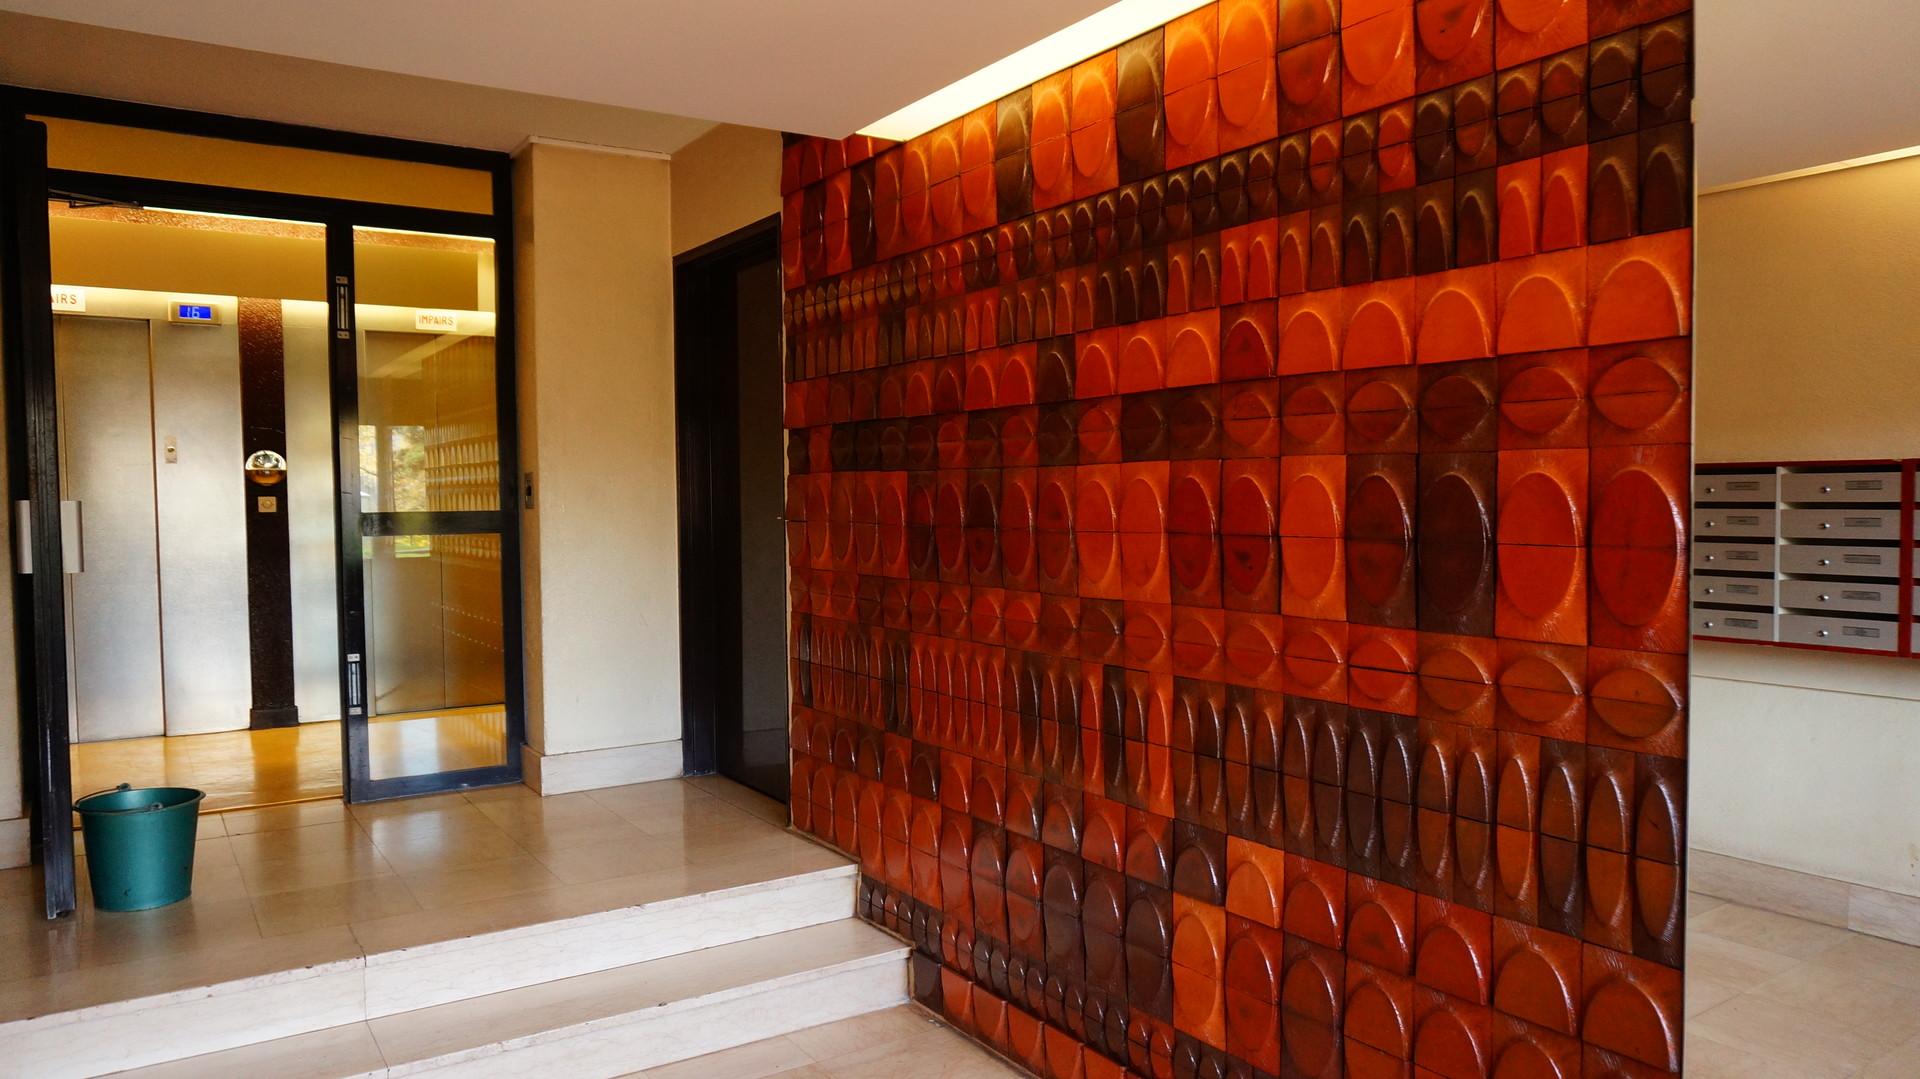 Belles chambres louer dans un grand appartement neuf for Louer une chambre sans fenetre